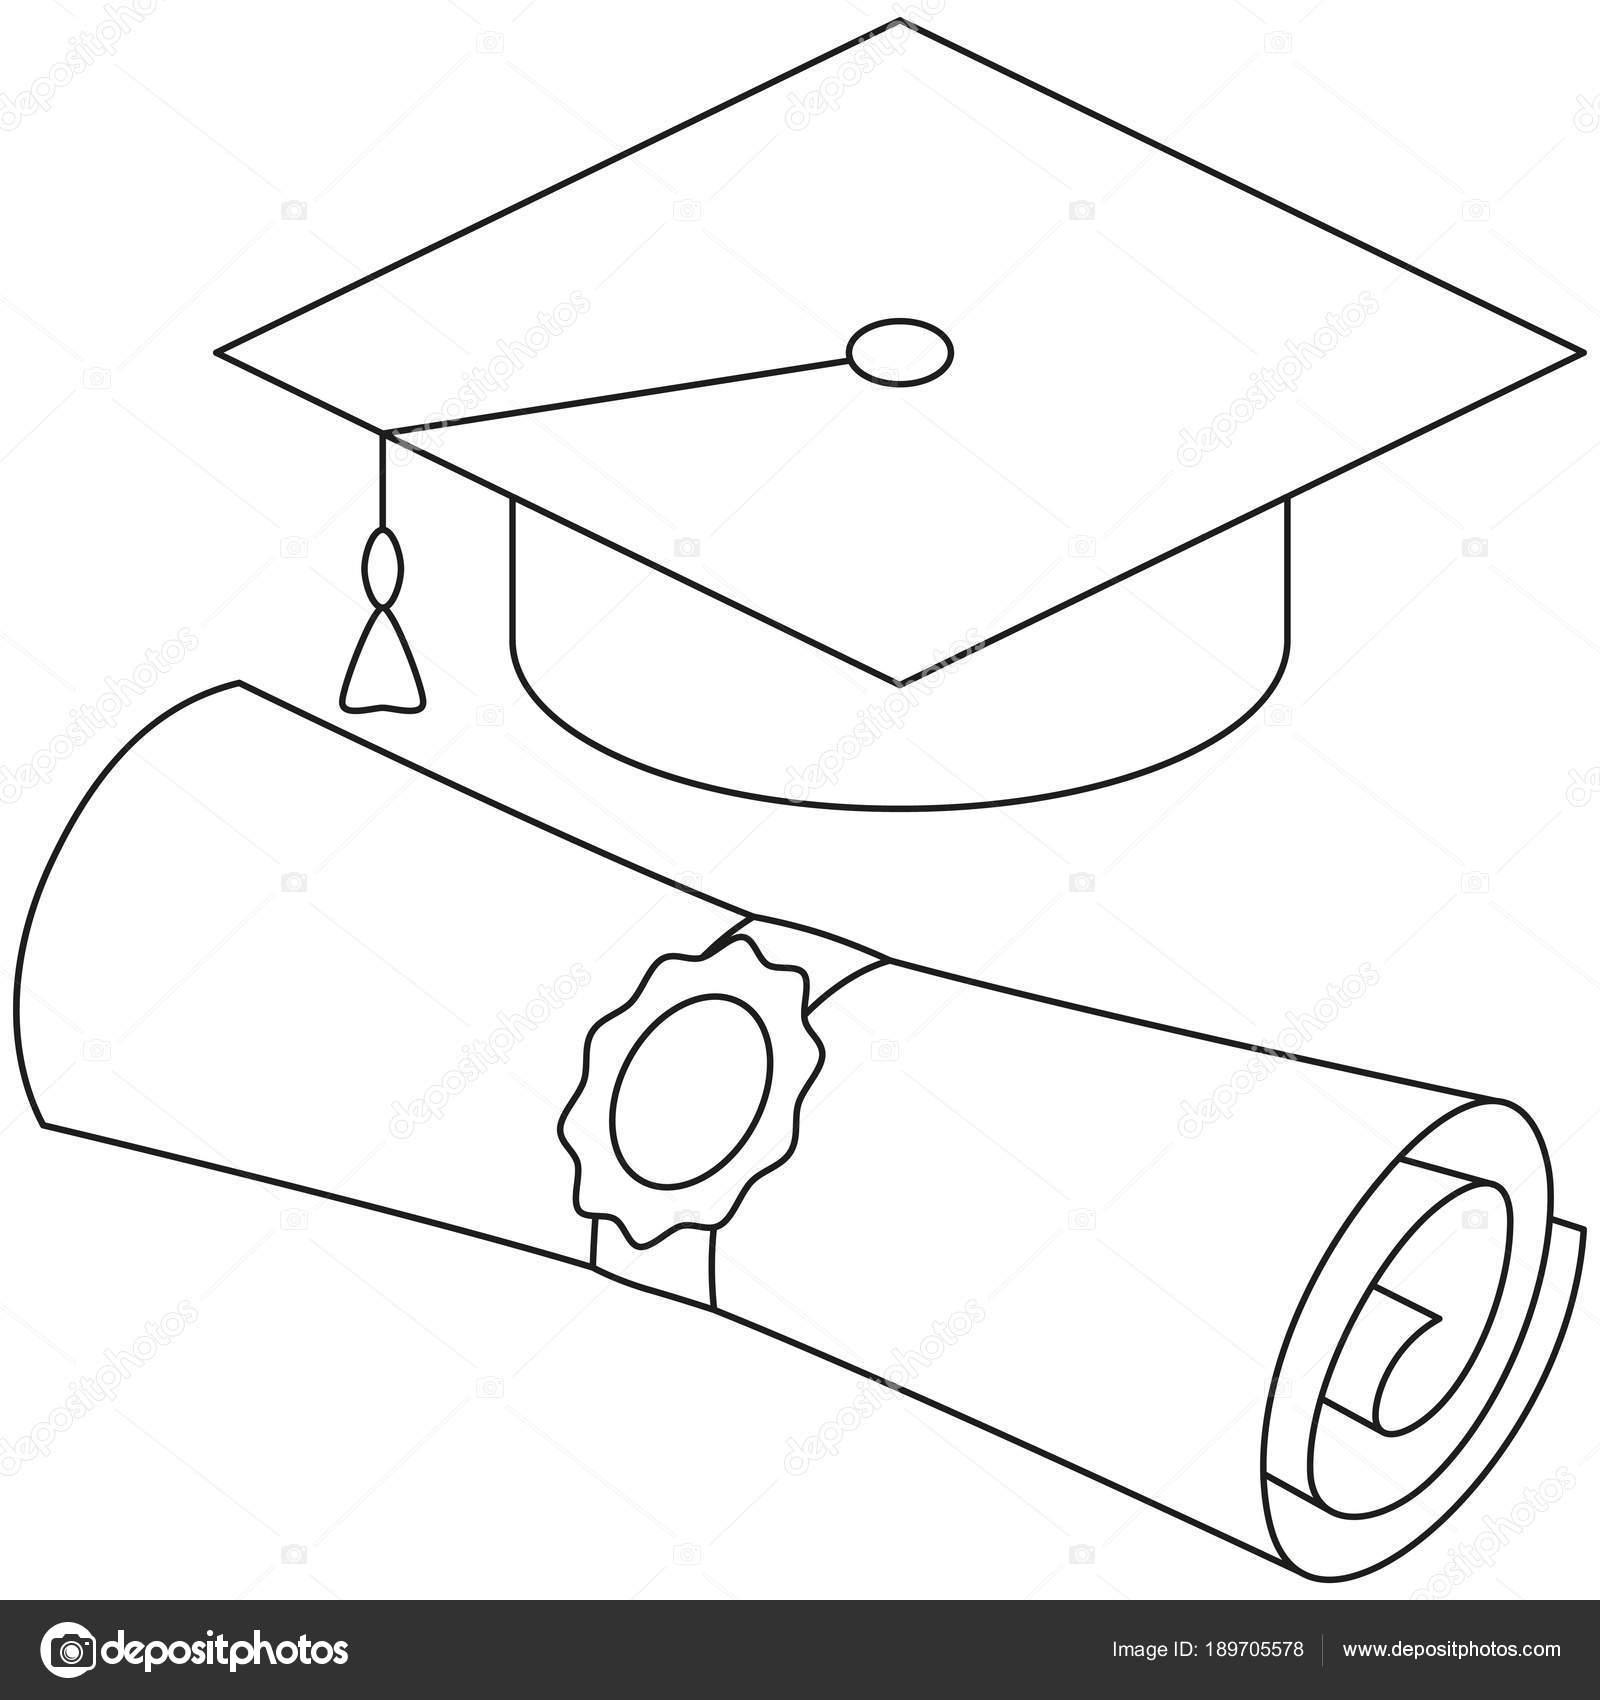 Sombrero de graduación de desplazamiento de línea arte diploma blanco y  negro conjunto. Ilustración de vector de tema de graduación para el  certificado de ... c6c7f9a4a85